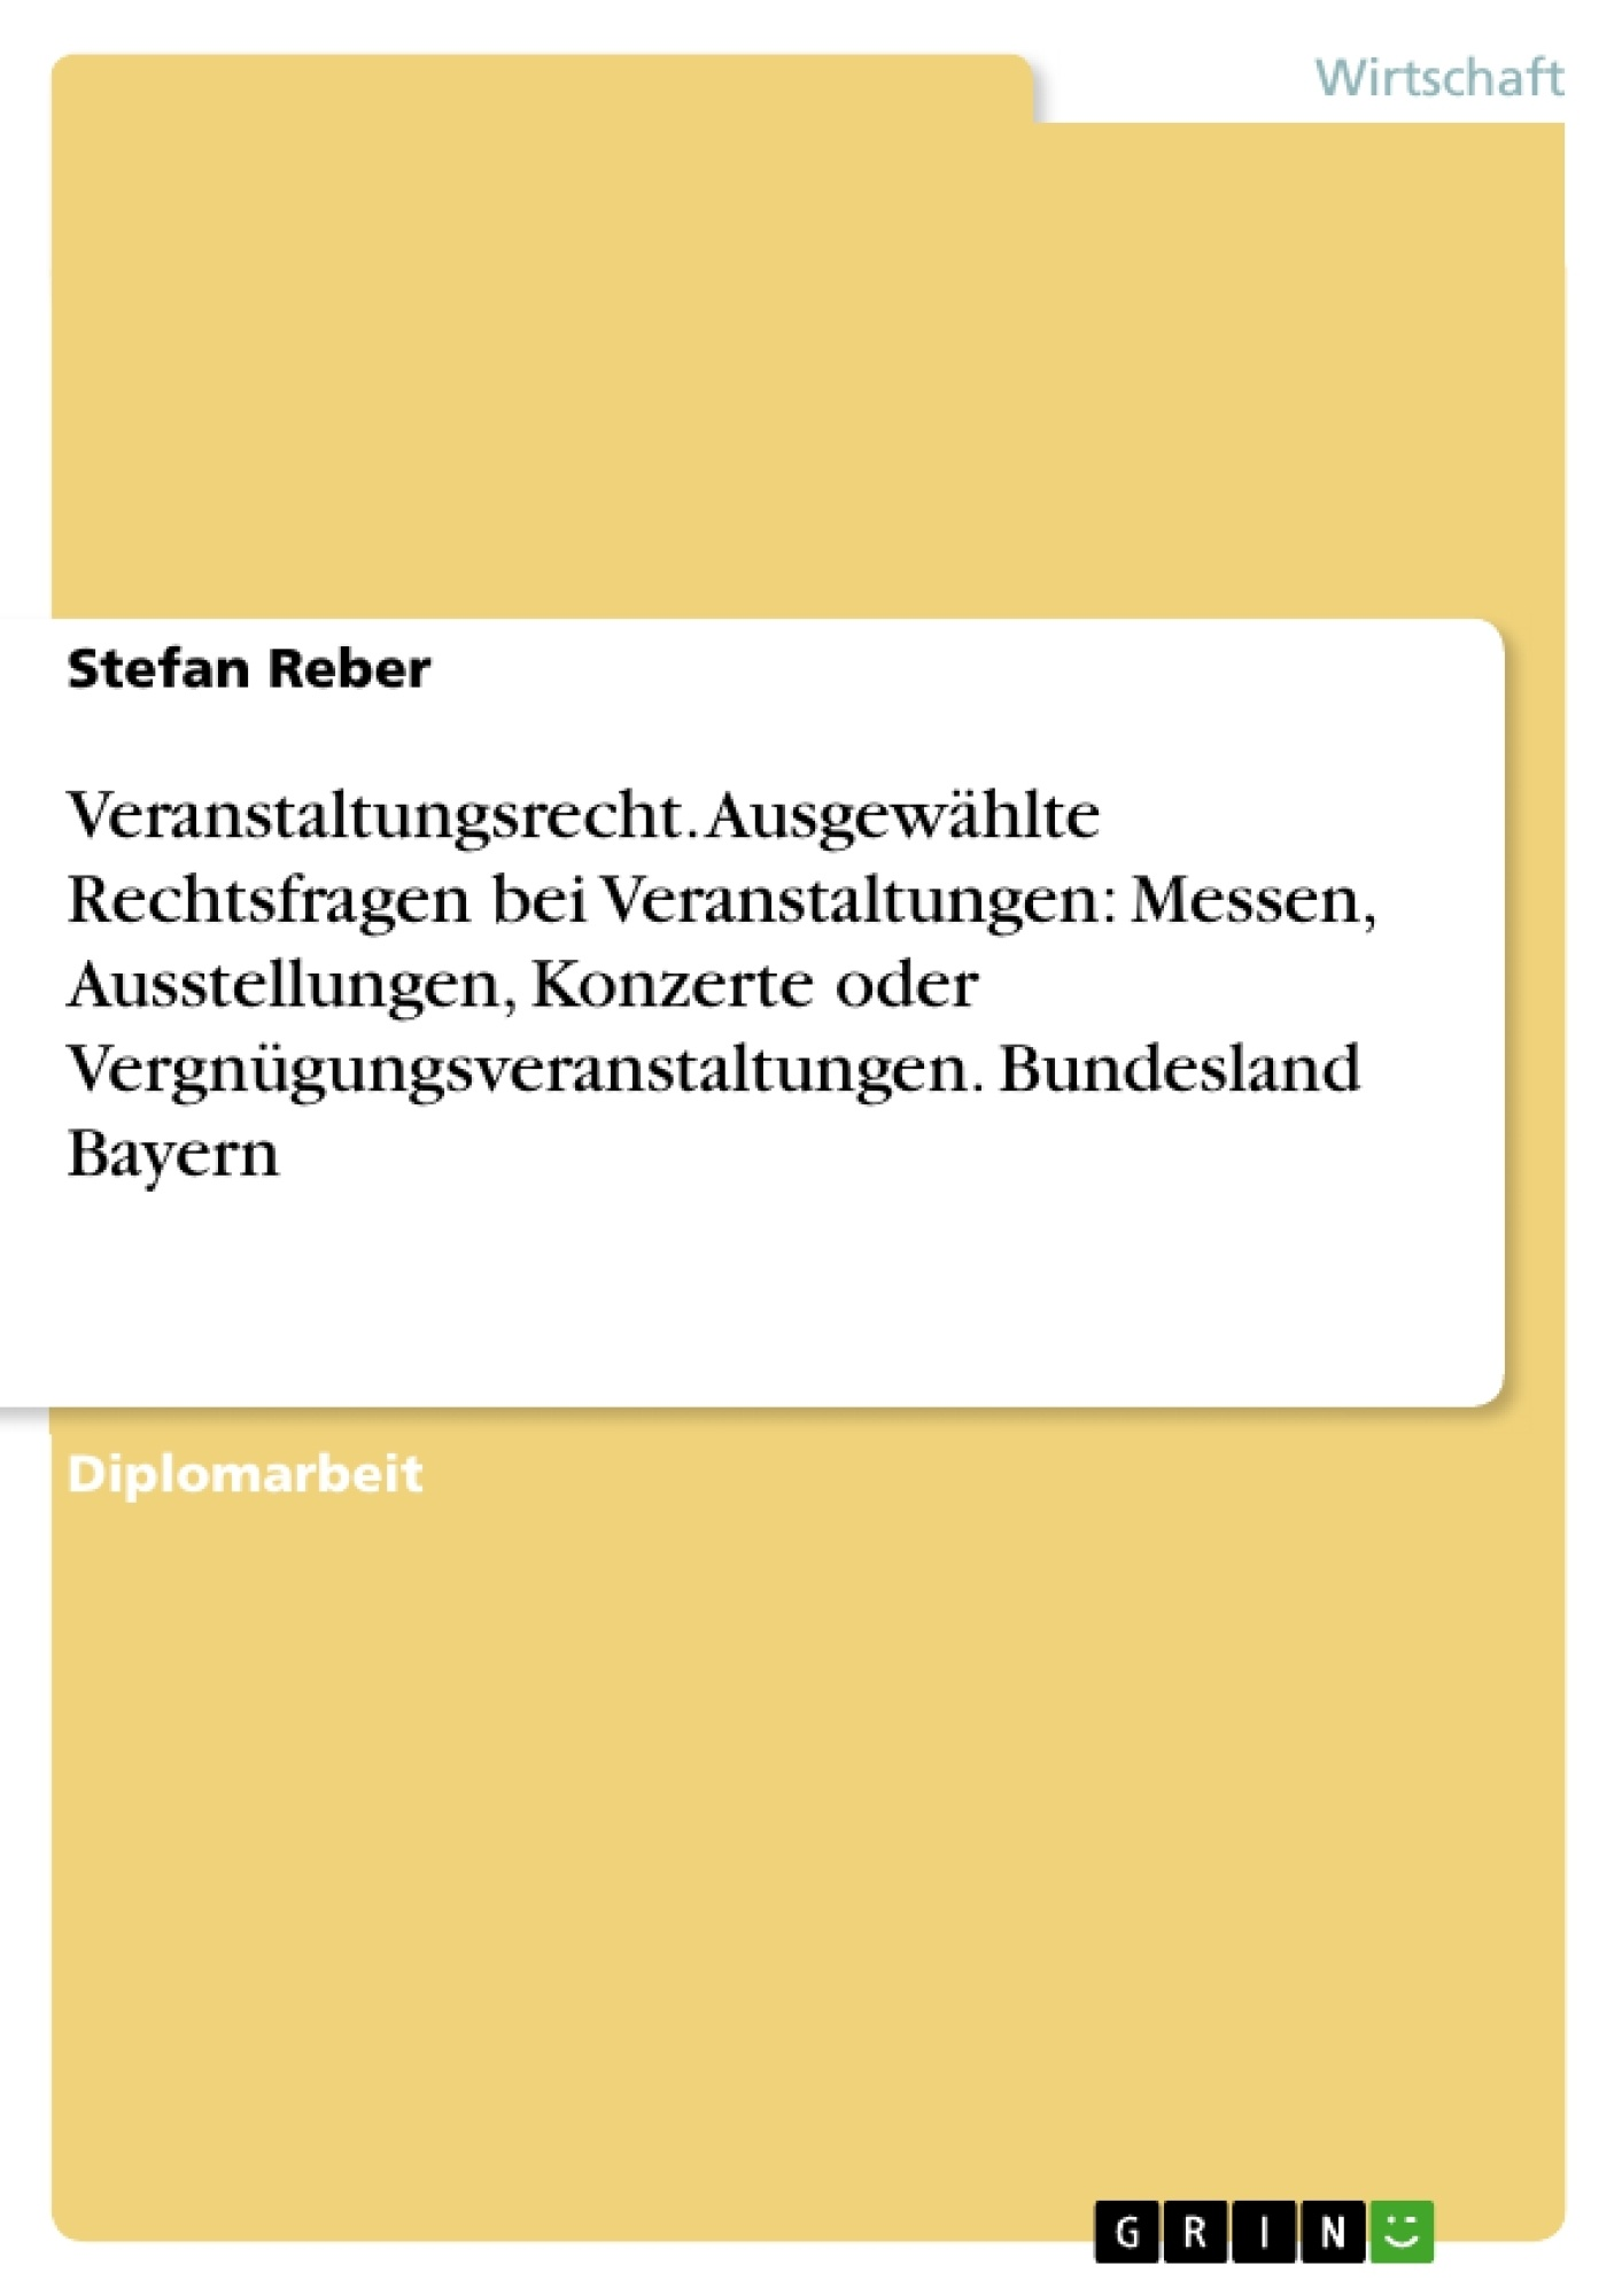 Titel: Veranstaltungsrecht. Ausgewählte Rechtsfragen bei Veranstaltungen: Messen, Ausstellungen, Konzerte oder Vergnügungsveranstaltungen. Bundesland Bayern